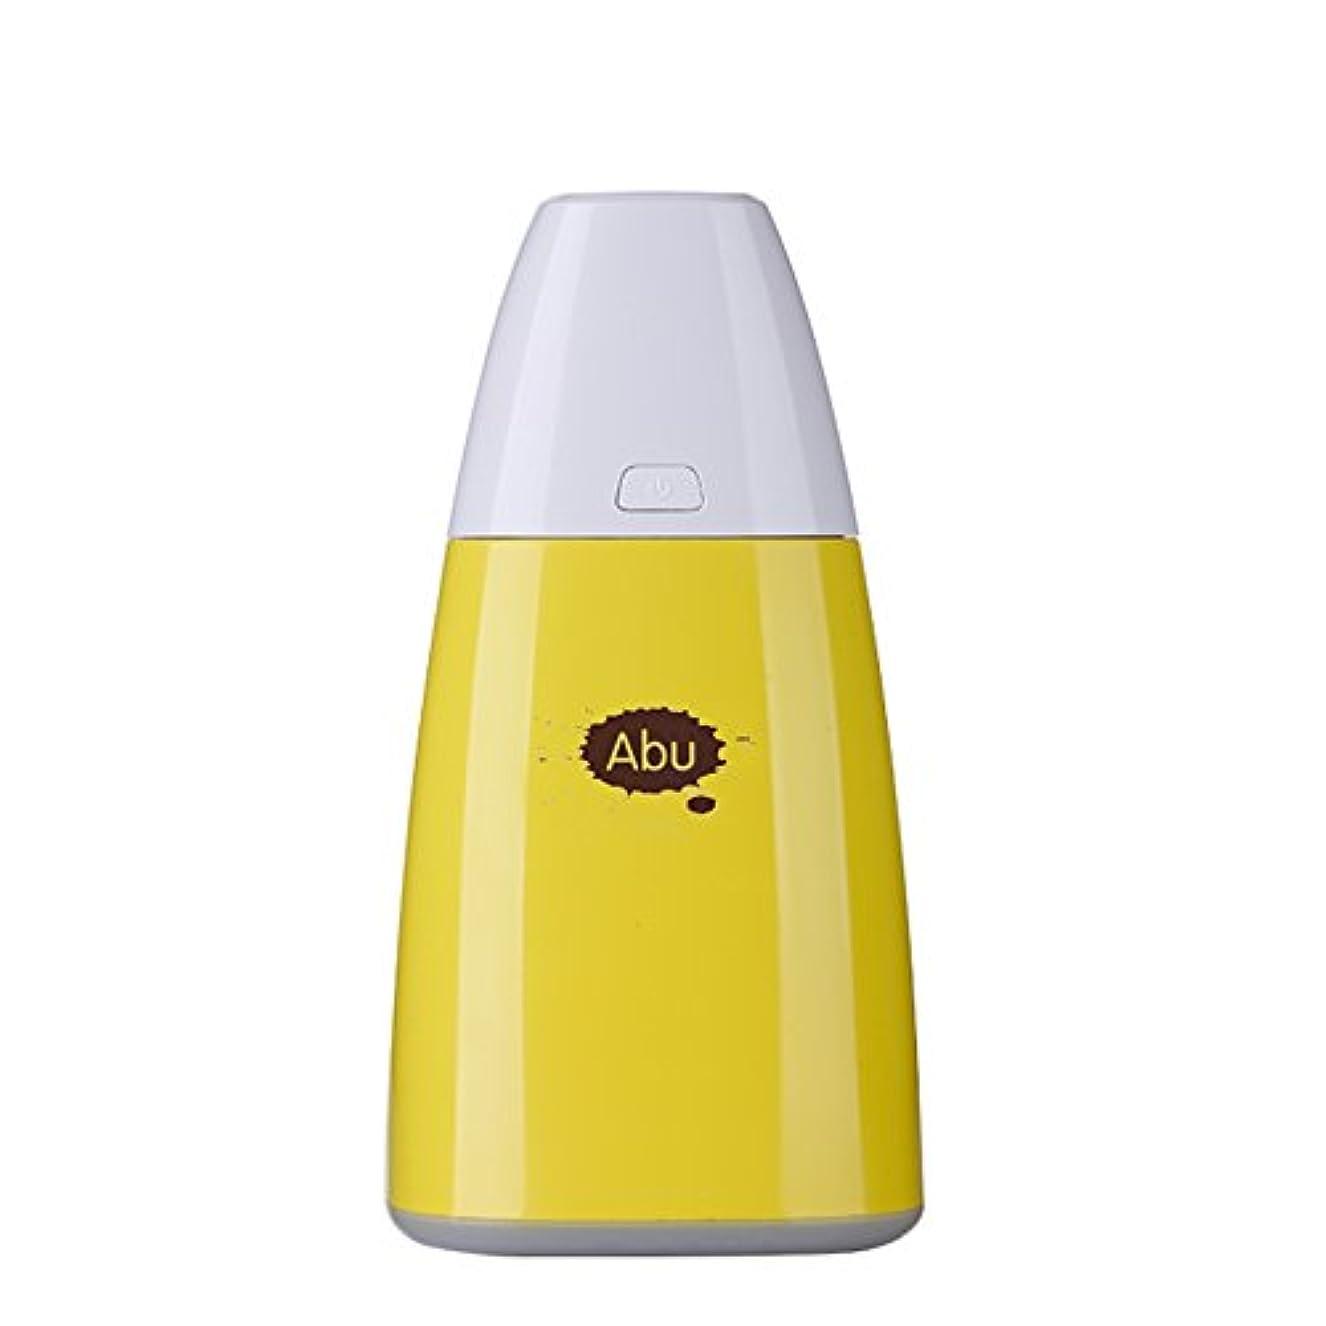 洞察力のある受粉するアセンブリRakuby 250ml USBポータブル アロマ セラピーエッセンシャルオイル ディフューザー ミニ 超音波 クールミスト加湿器 カラフル LEDライト ホームオフィス 寝室用